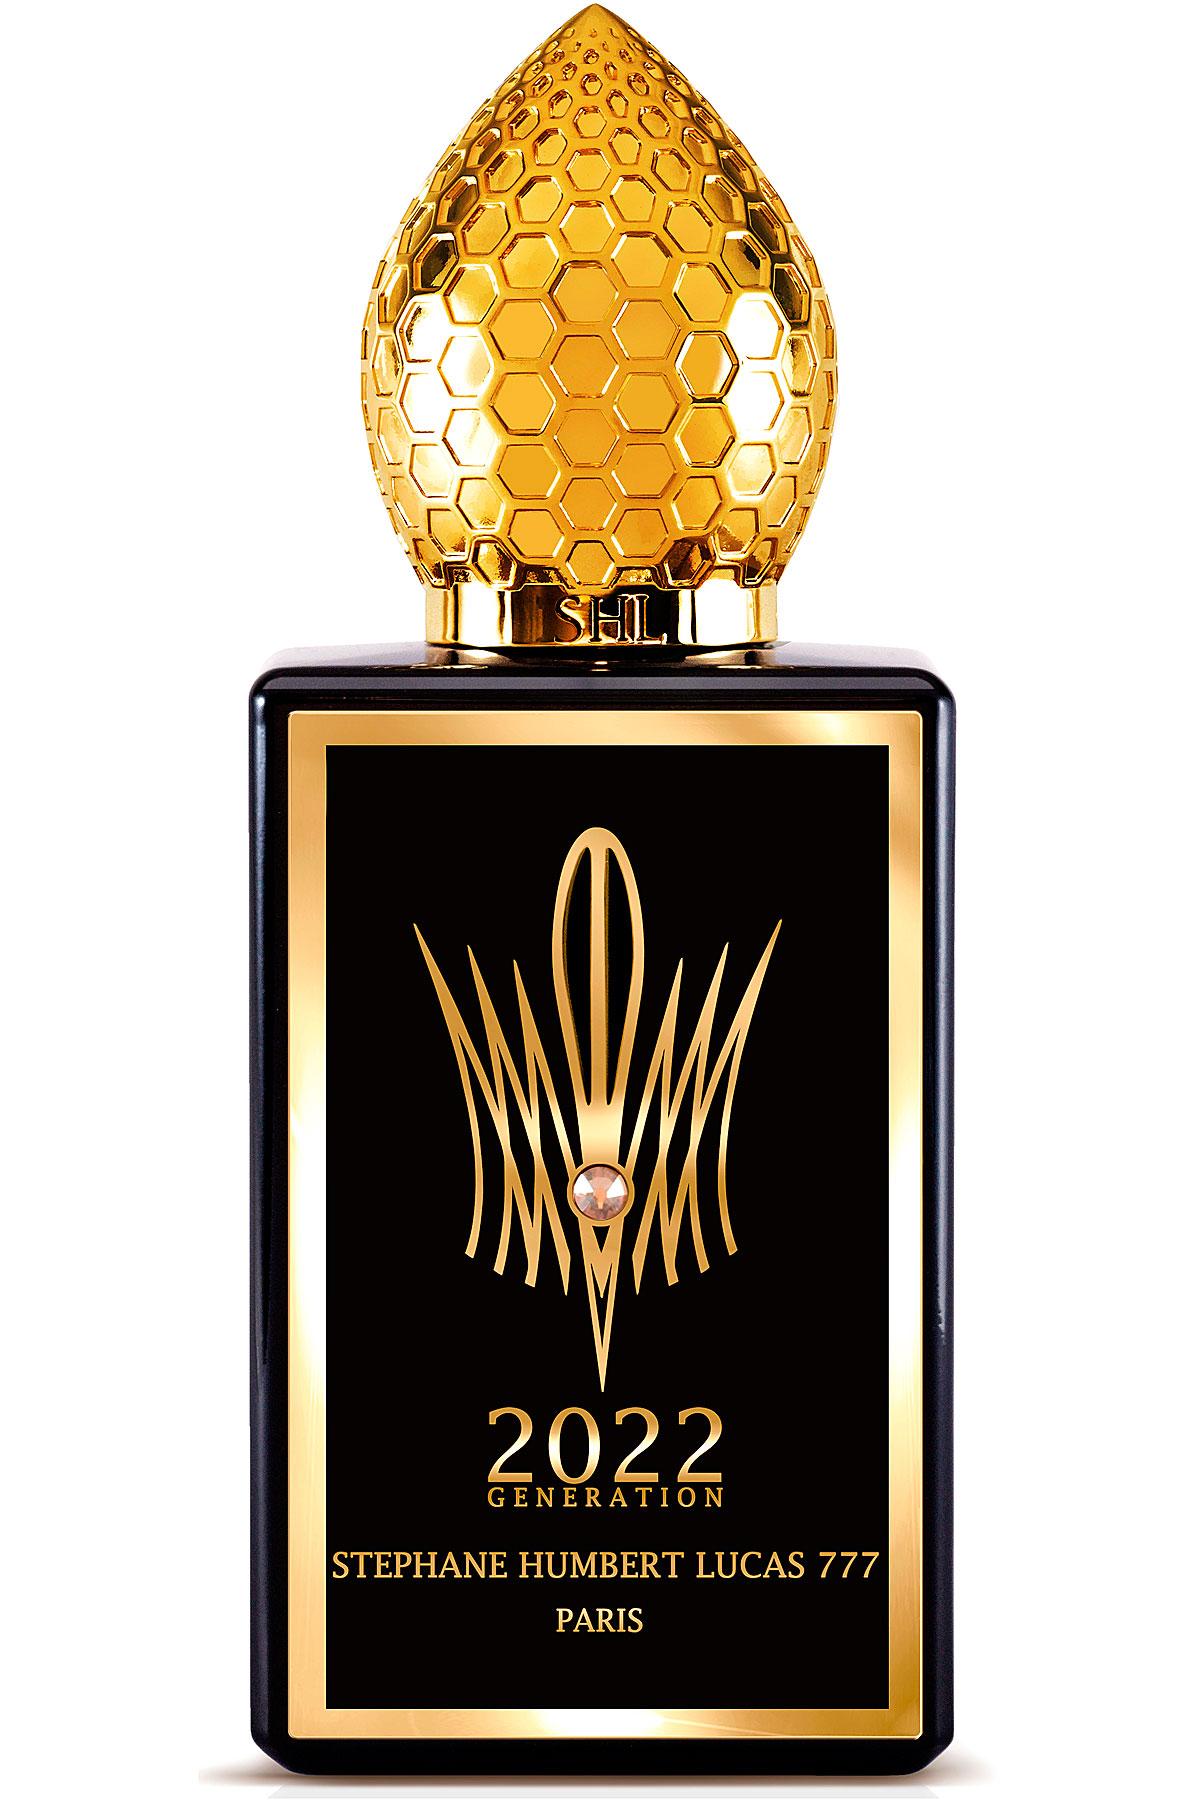 Stephane Humbert Lucas 777 Paris Fragrances for Women, 2022 Generation Black - Eau De Parfum - 50 Ml, 2019, 50 ml